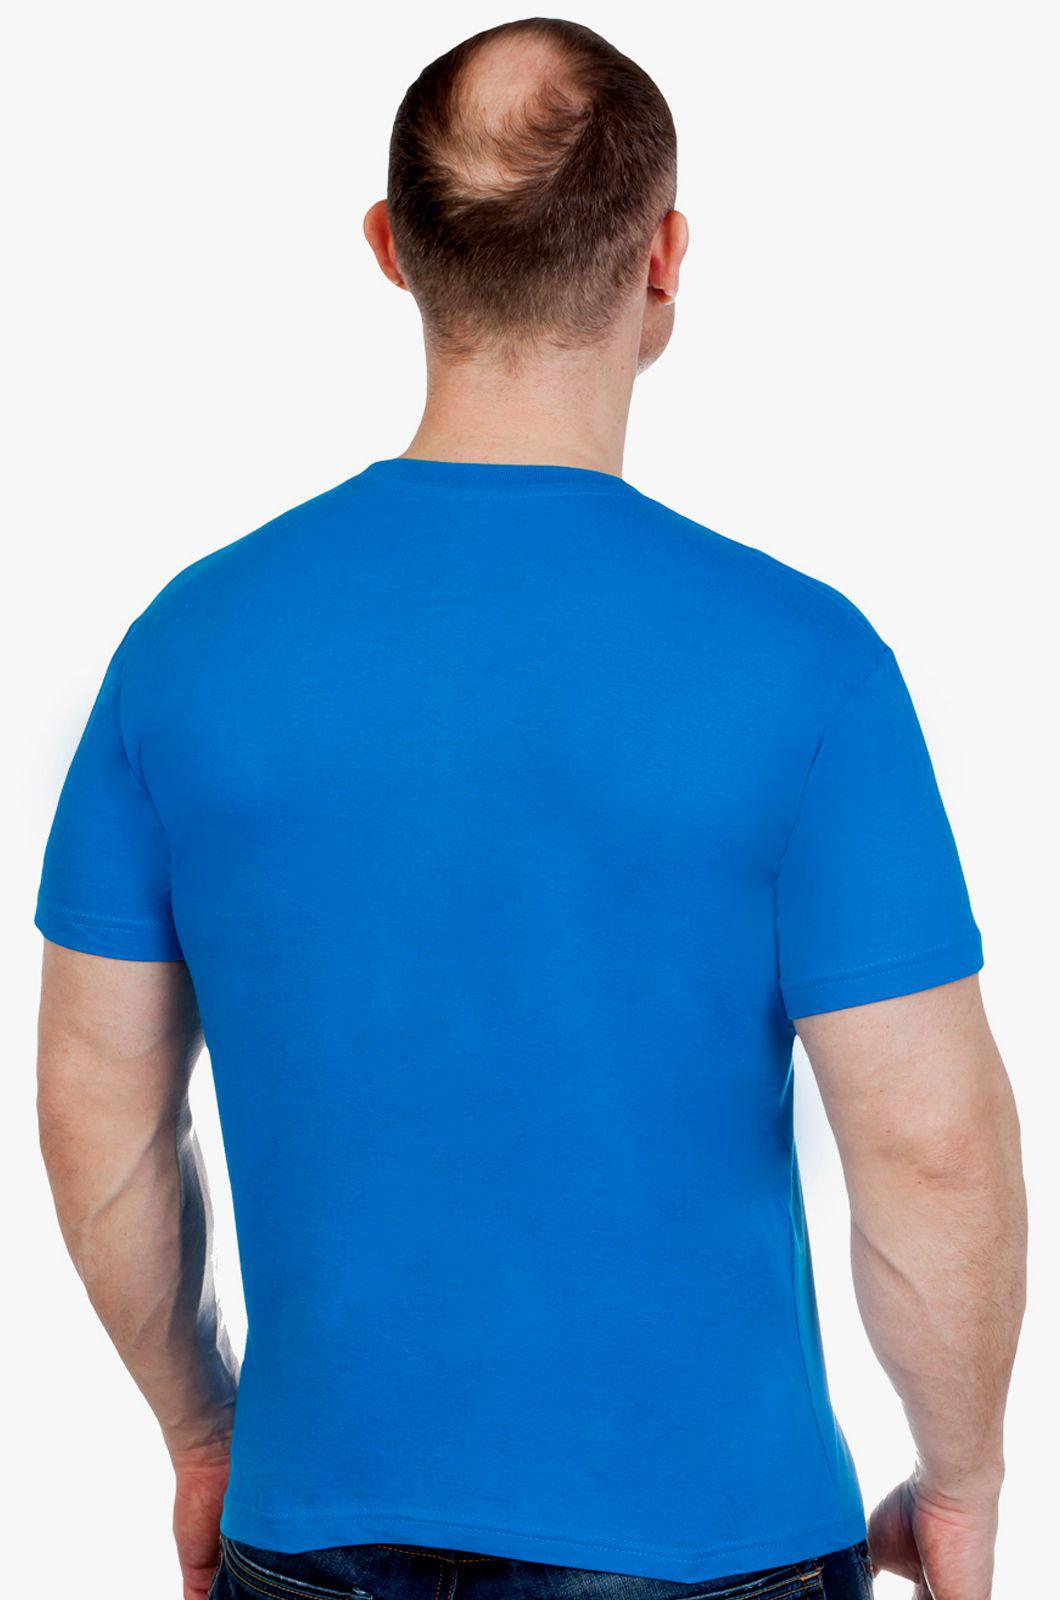 Мужская футболка ТОФ - купить онлайн